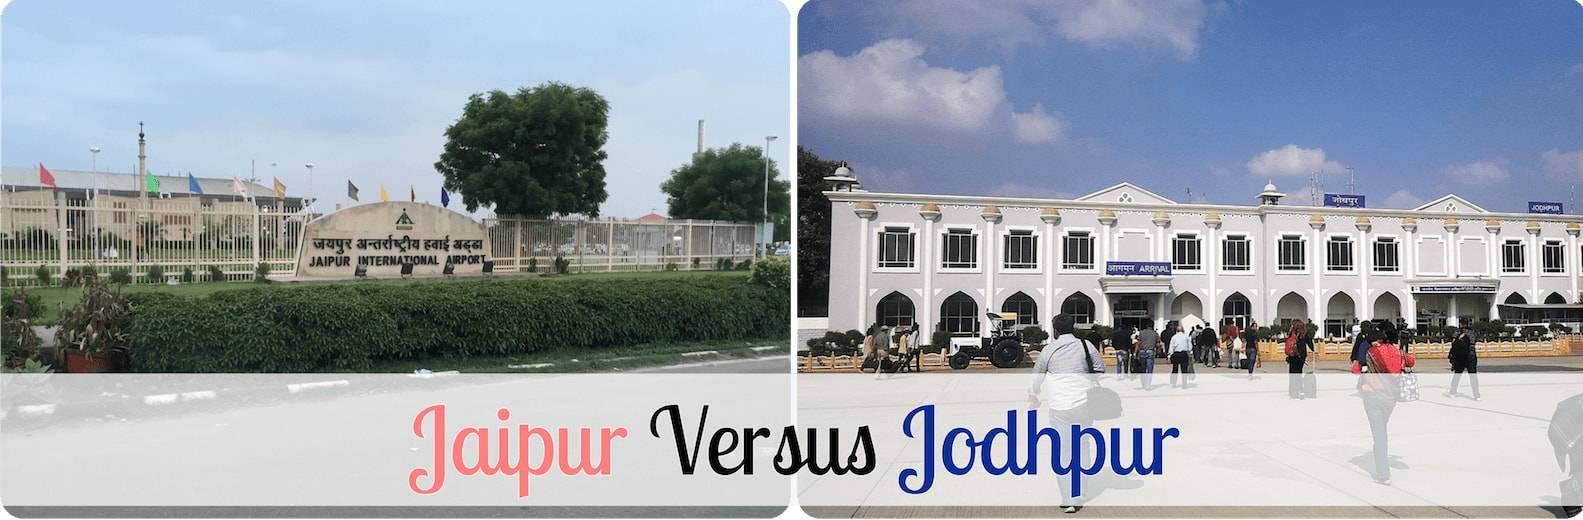 Airport-jaipur-jodhpur.jpg